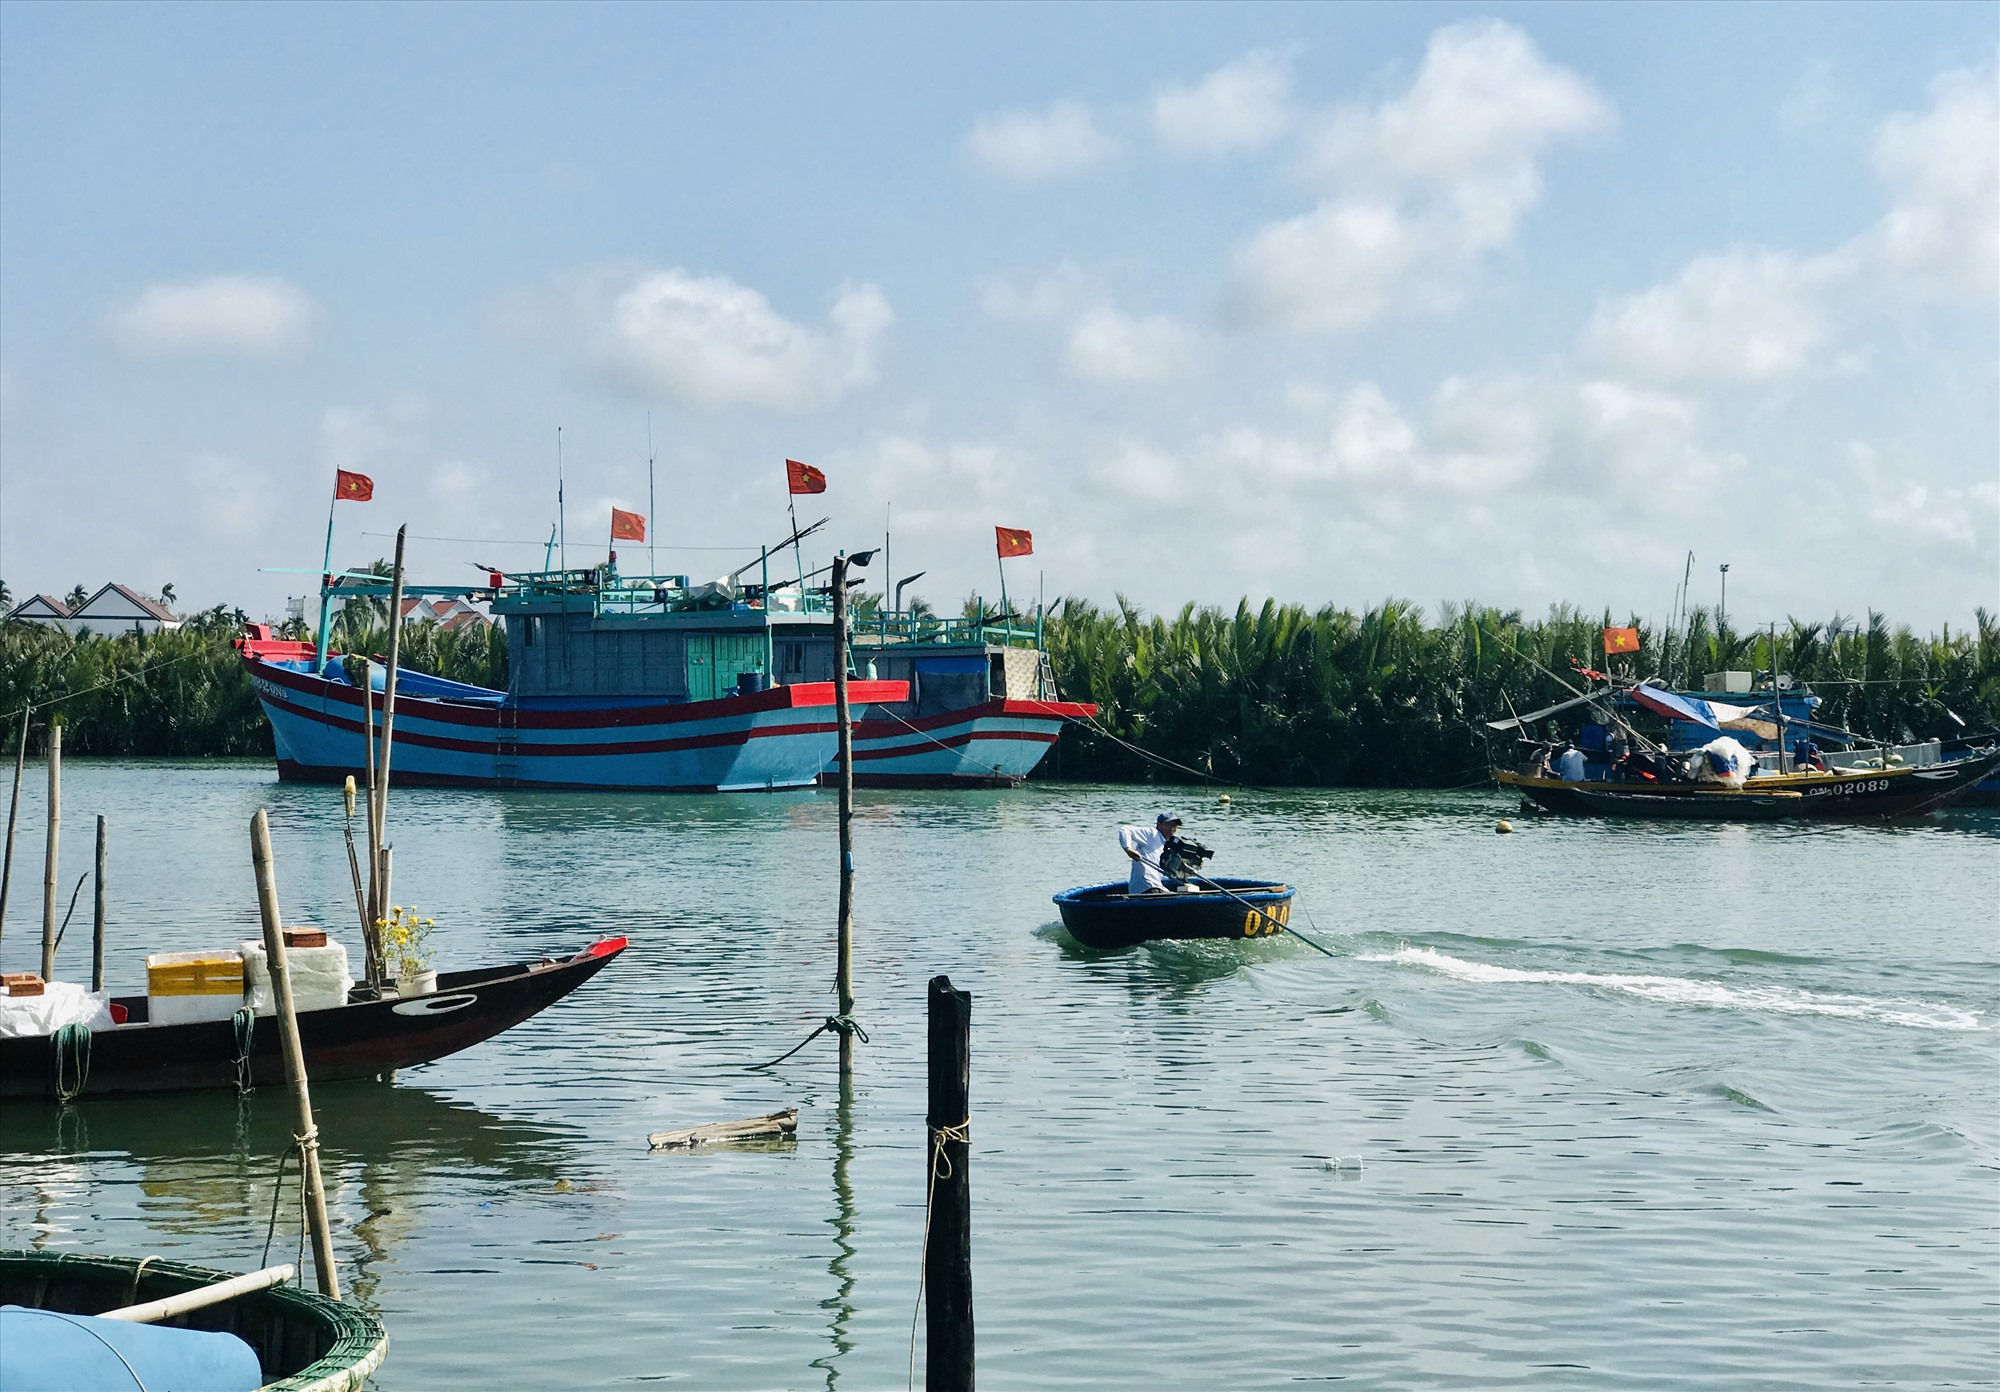 Xoay xở bằng nghề biển truyền thống giúp người dân Cẩm Thanh có nguồn thu nhập để trang trải trong thời gian khó khăn vừa qua. Ảnh: H.S